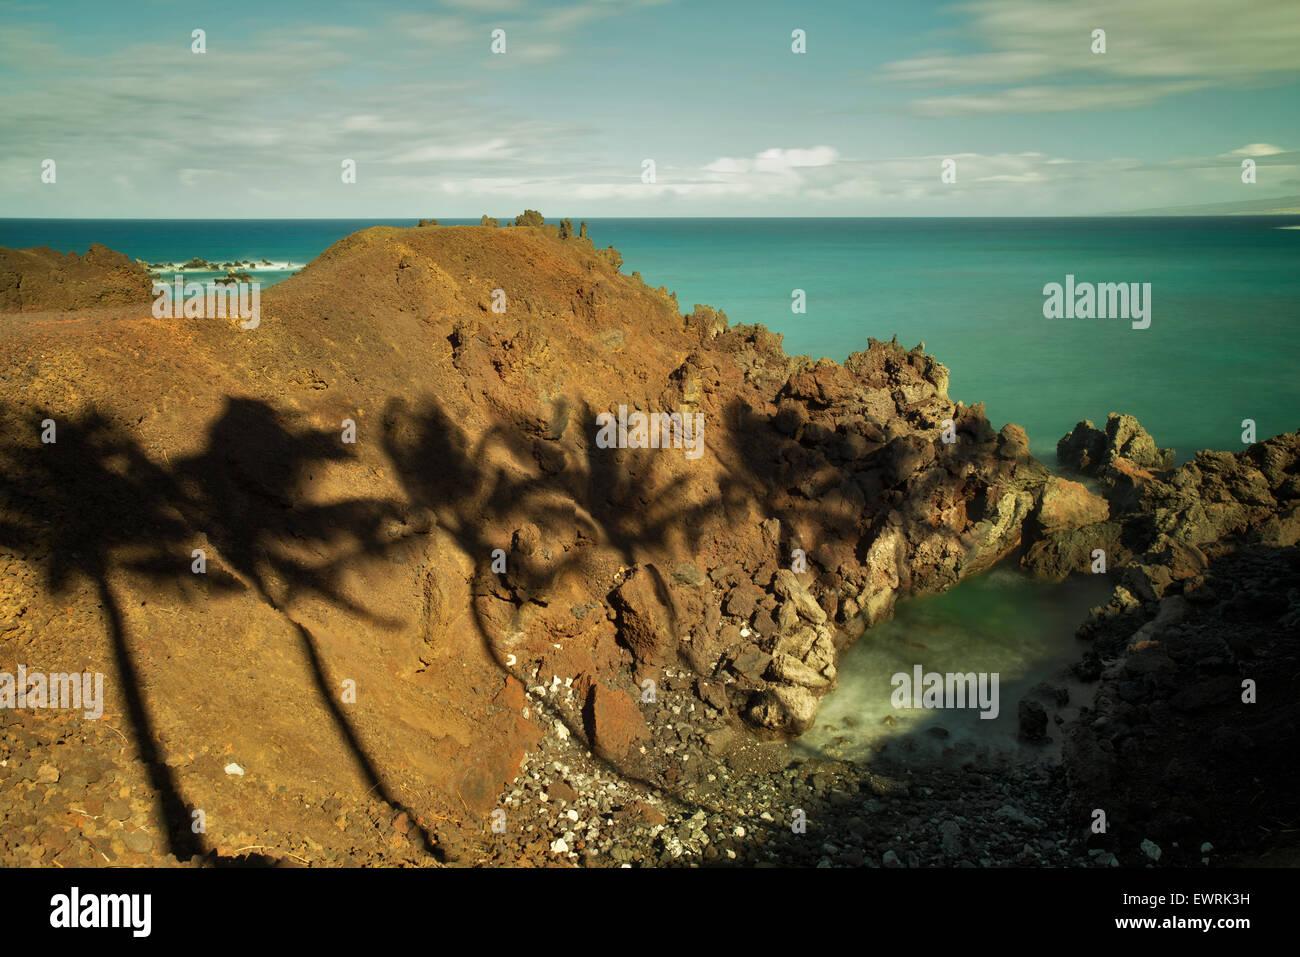 Les ombres des palmiers et l'océan. New York, la grande île. Photo Stock